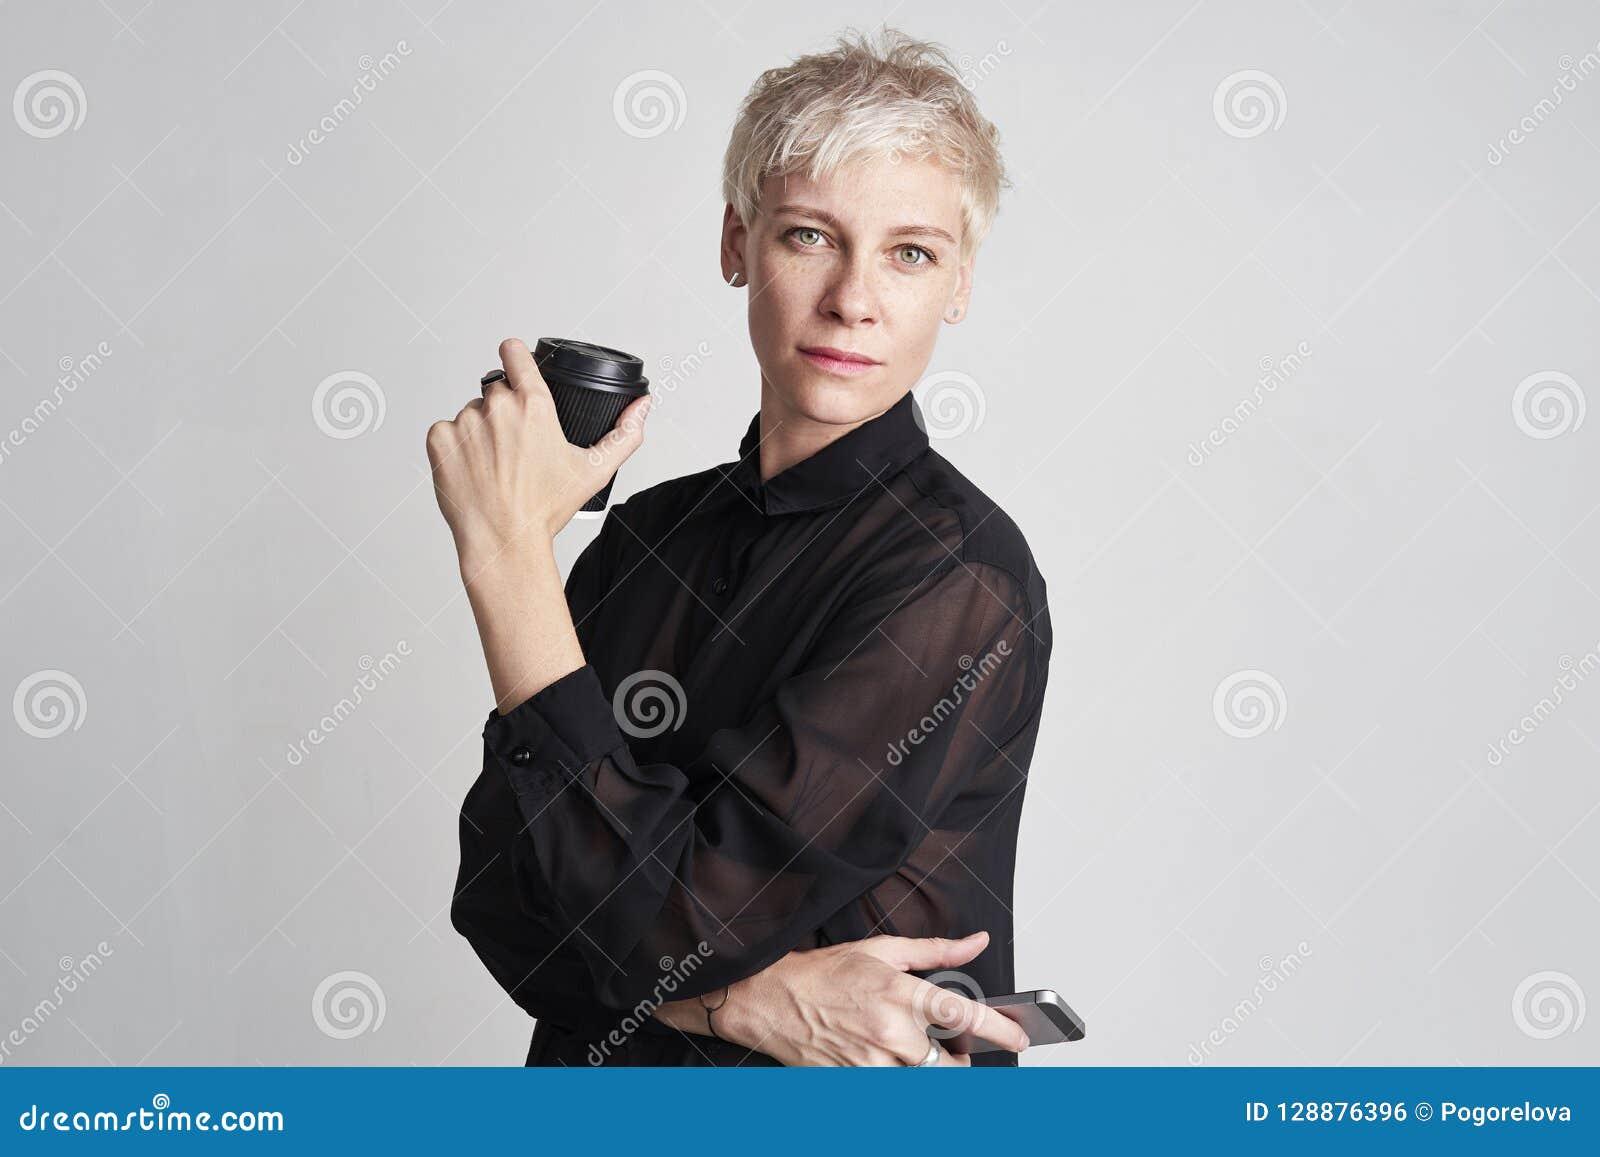 b4b6c4eea621 El Retrato De La Mujer Rubia Con El Pelo Corto Que Lleva La Camisa ...